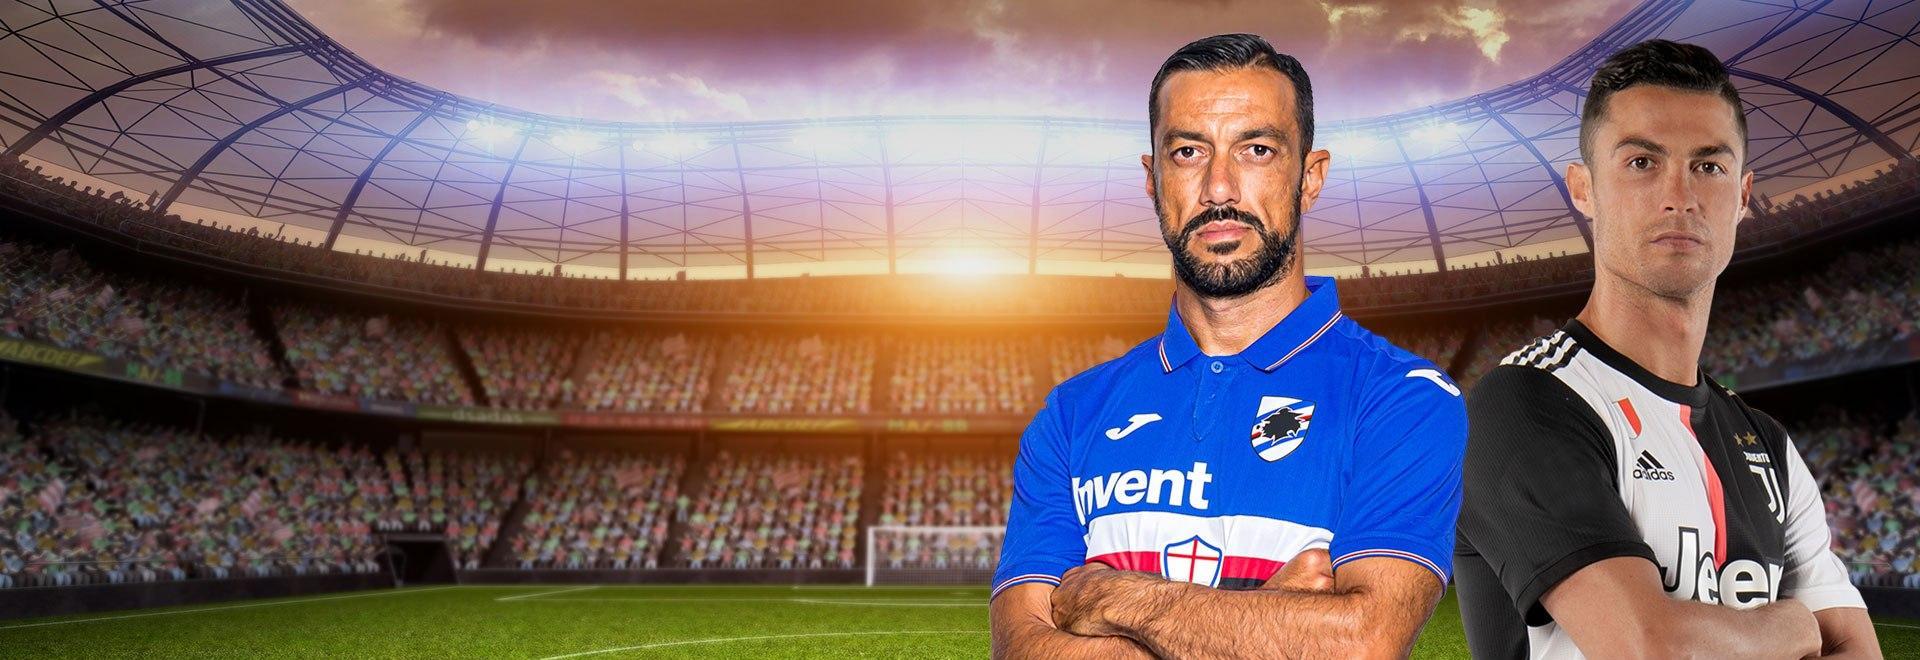 Sampdoria - Juventus. 17a g.